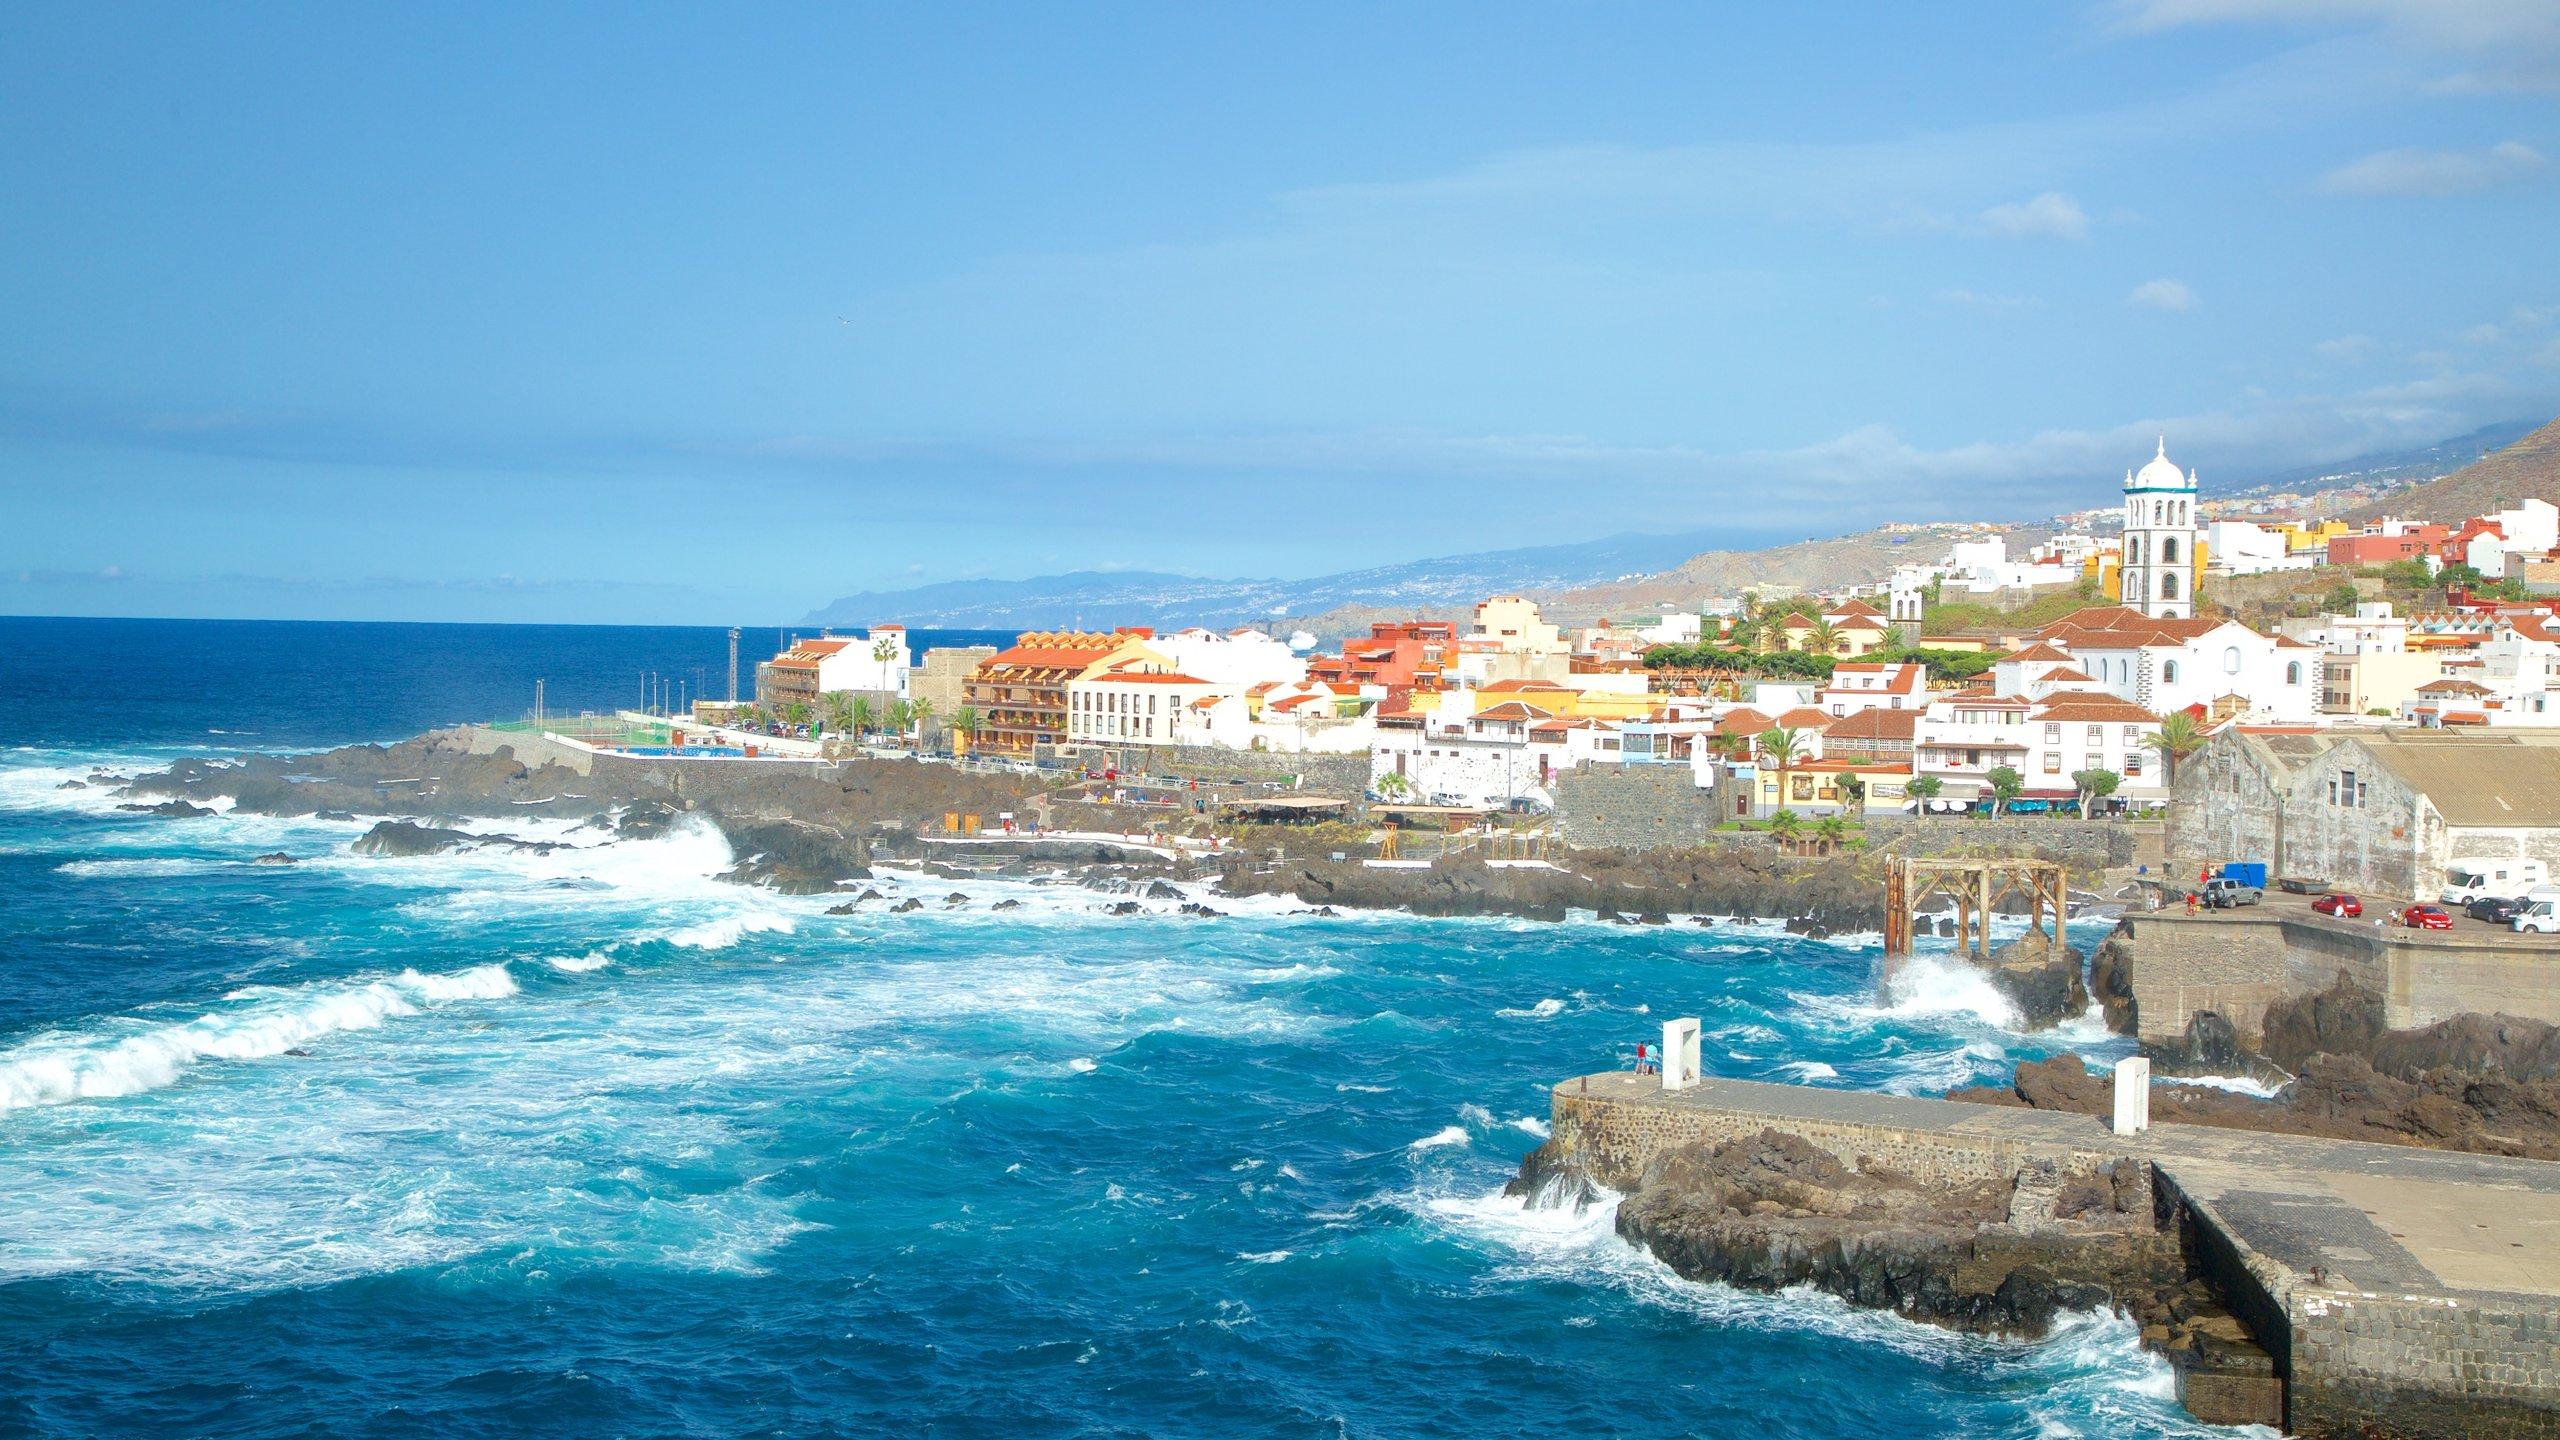 Bezoek Garachico: Het beste van reizen naar Garachico, Canarische eilanden  in 2021 | Expedia Toerisme